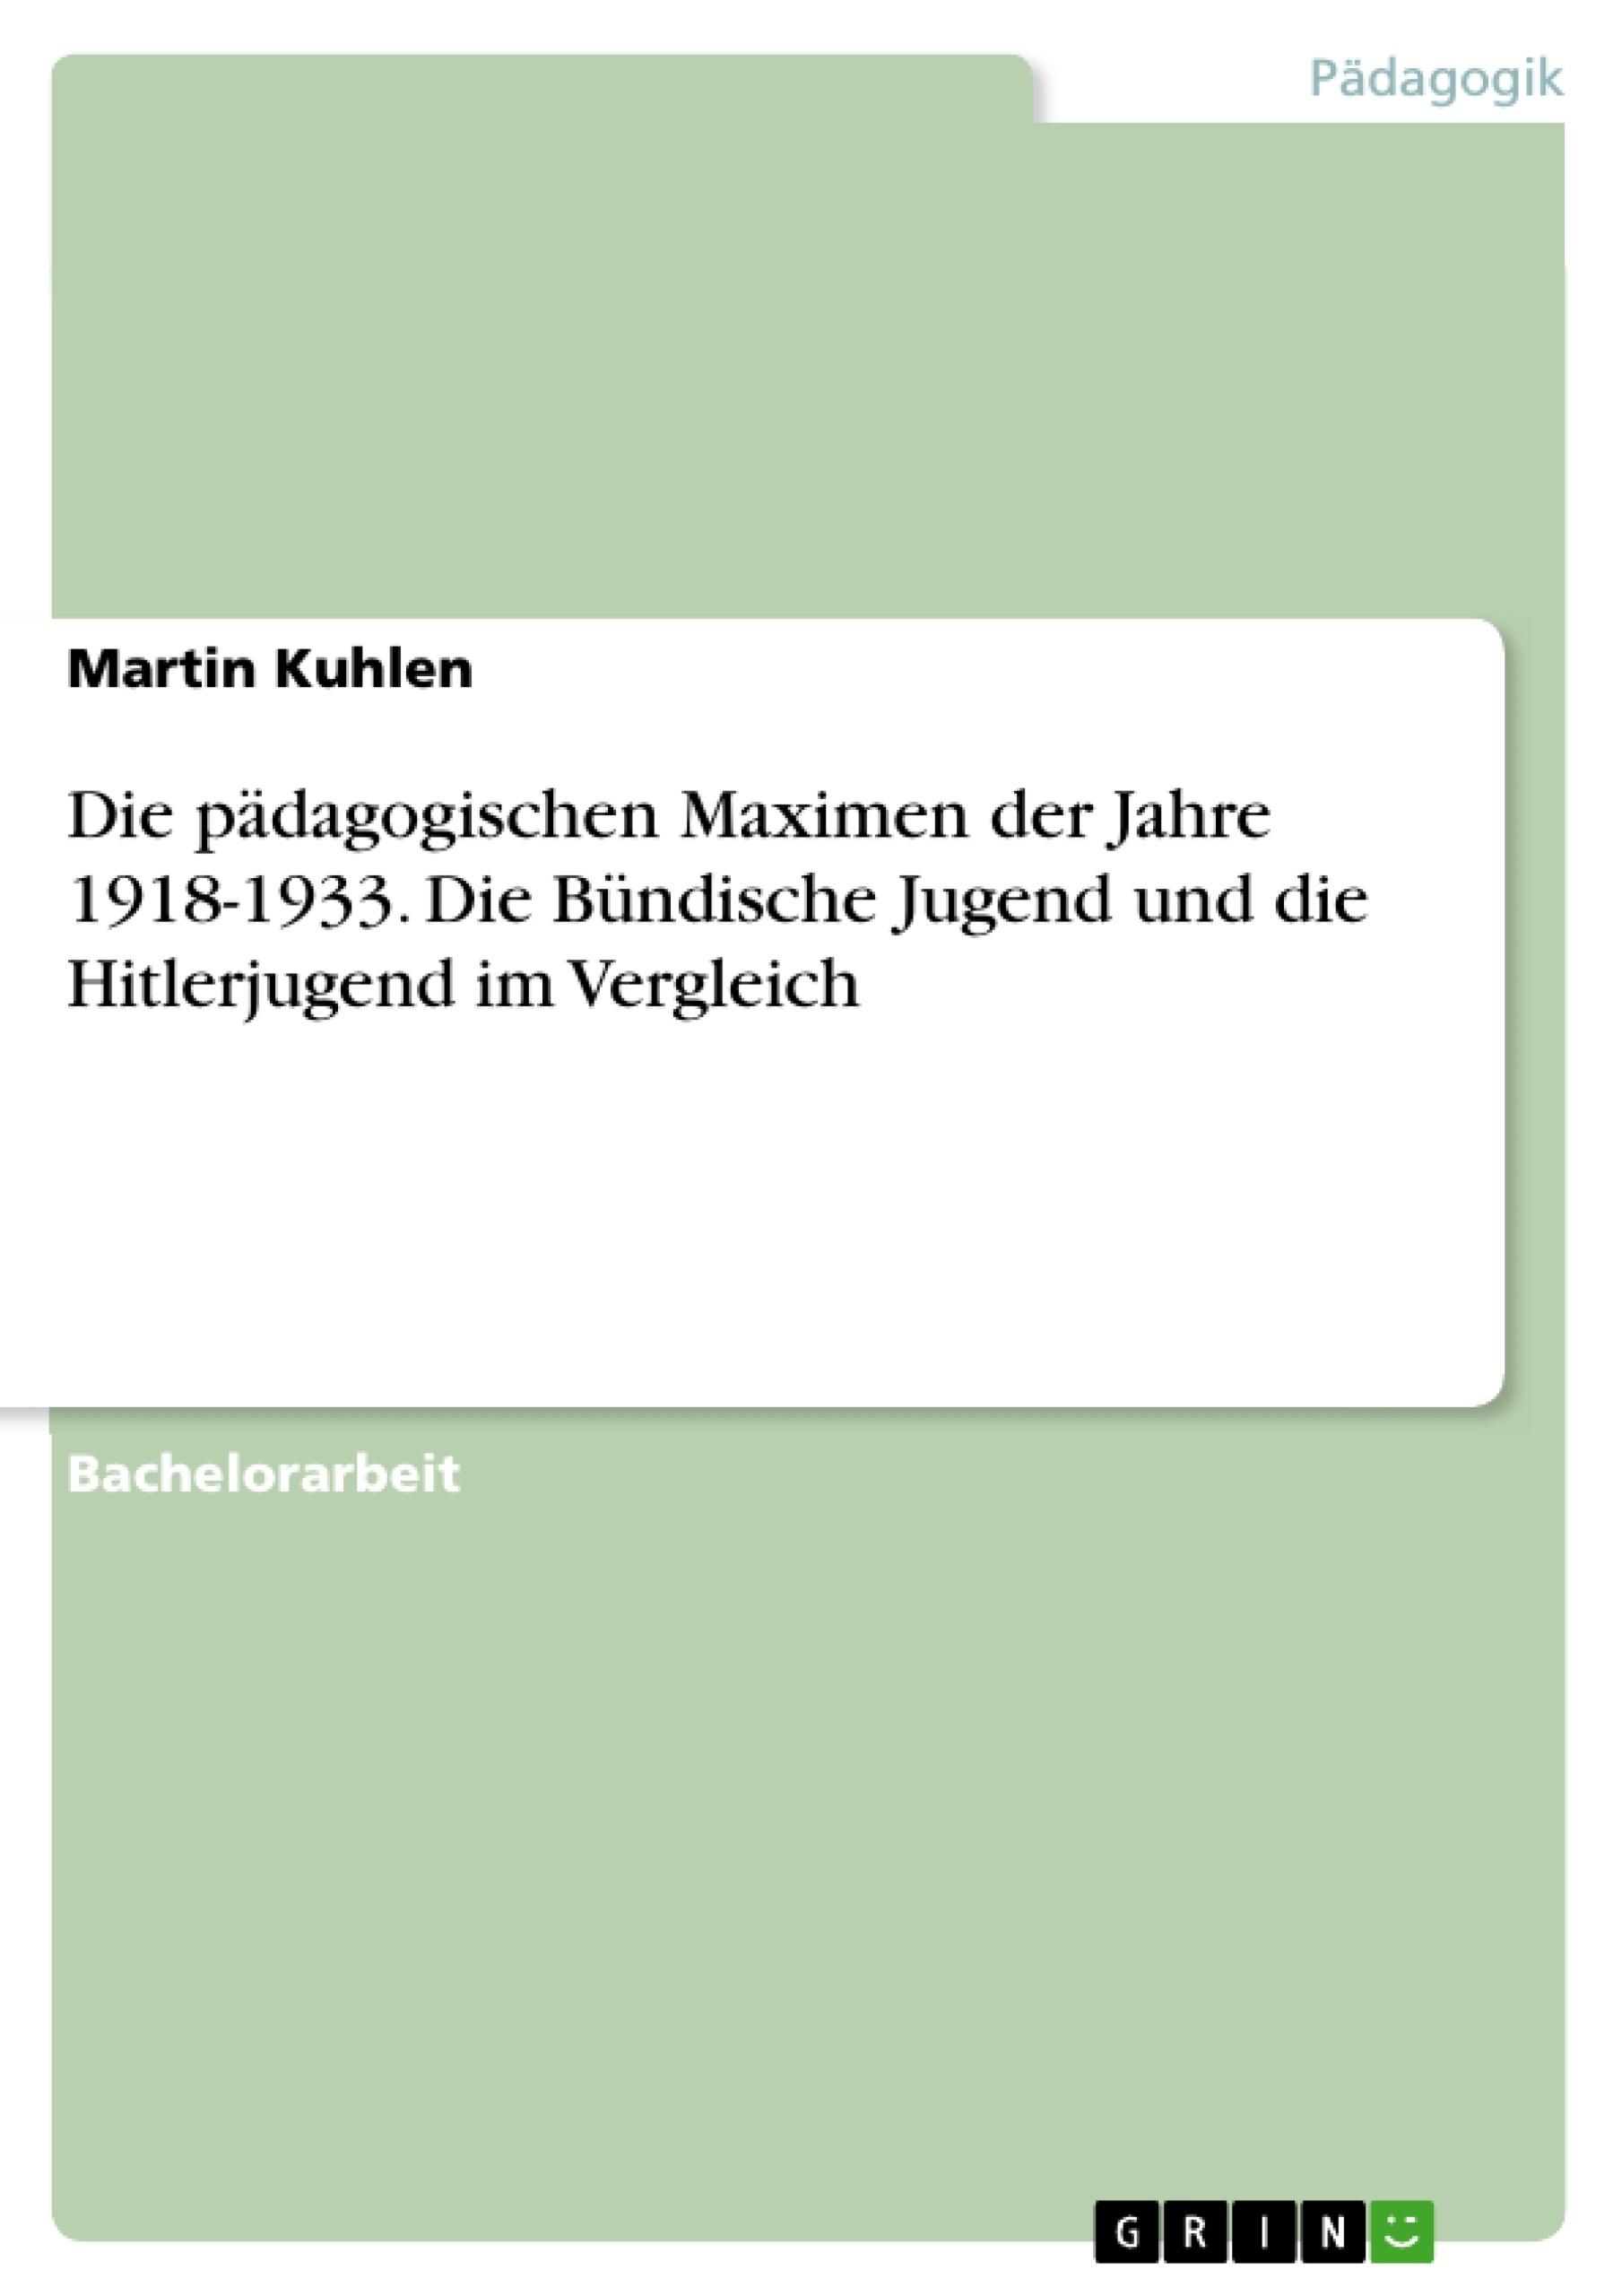 Titel: Die pädagogischen Maximen der Jahre 1918-1933. Die Bündische Jugend und die Hitlerjugend im Vergleich